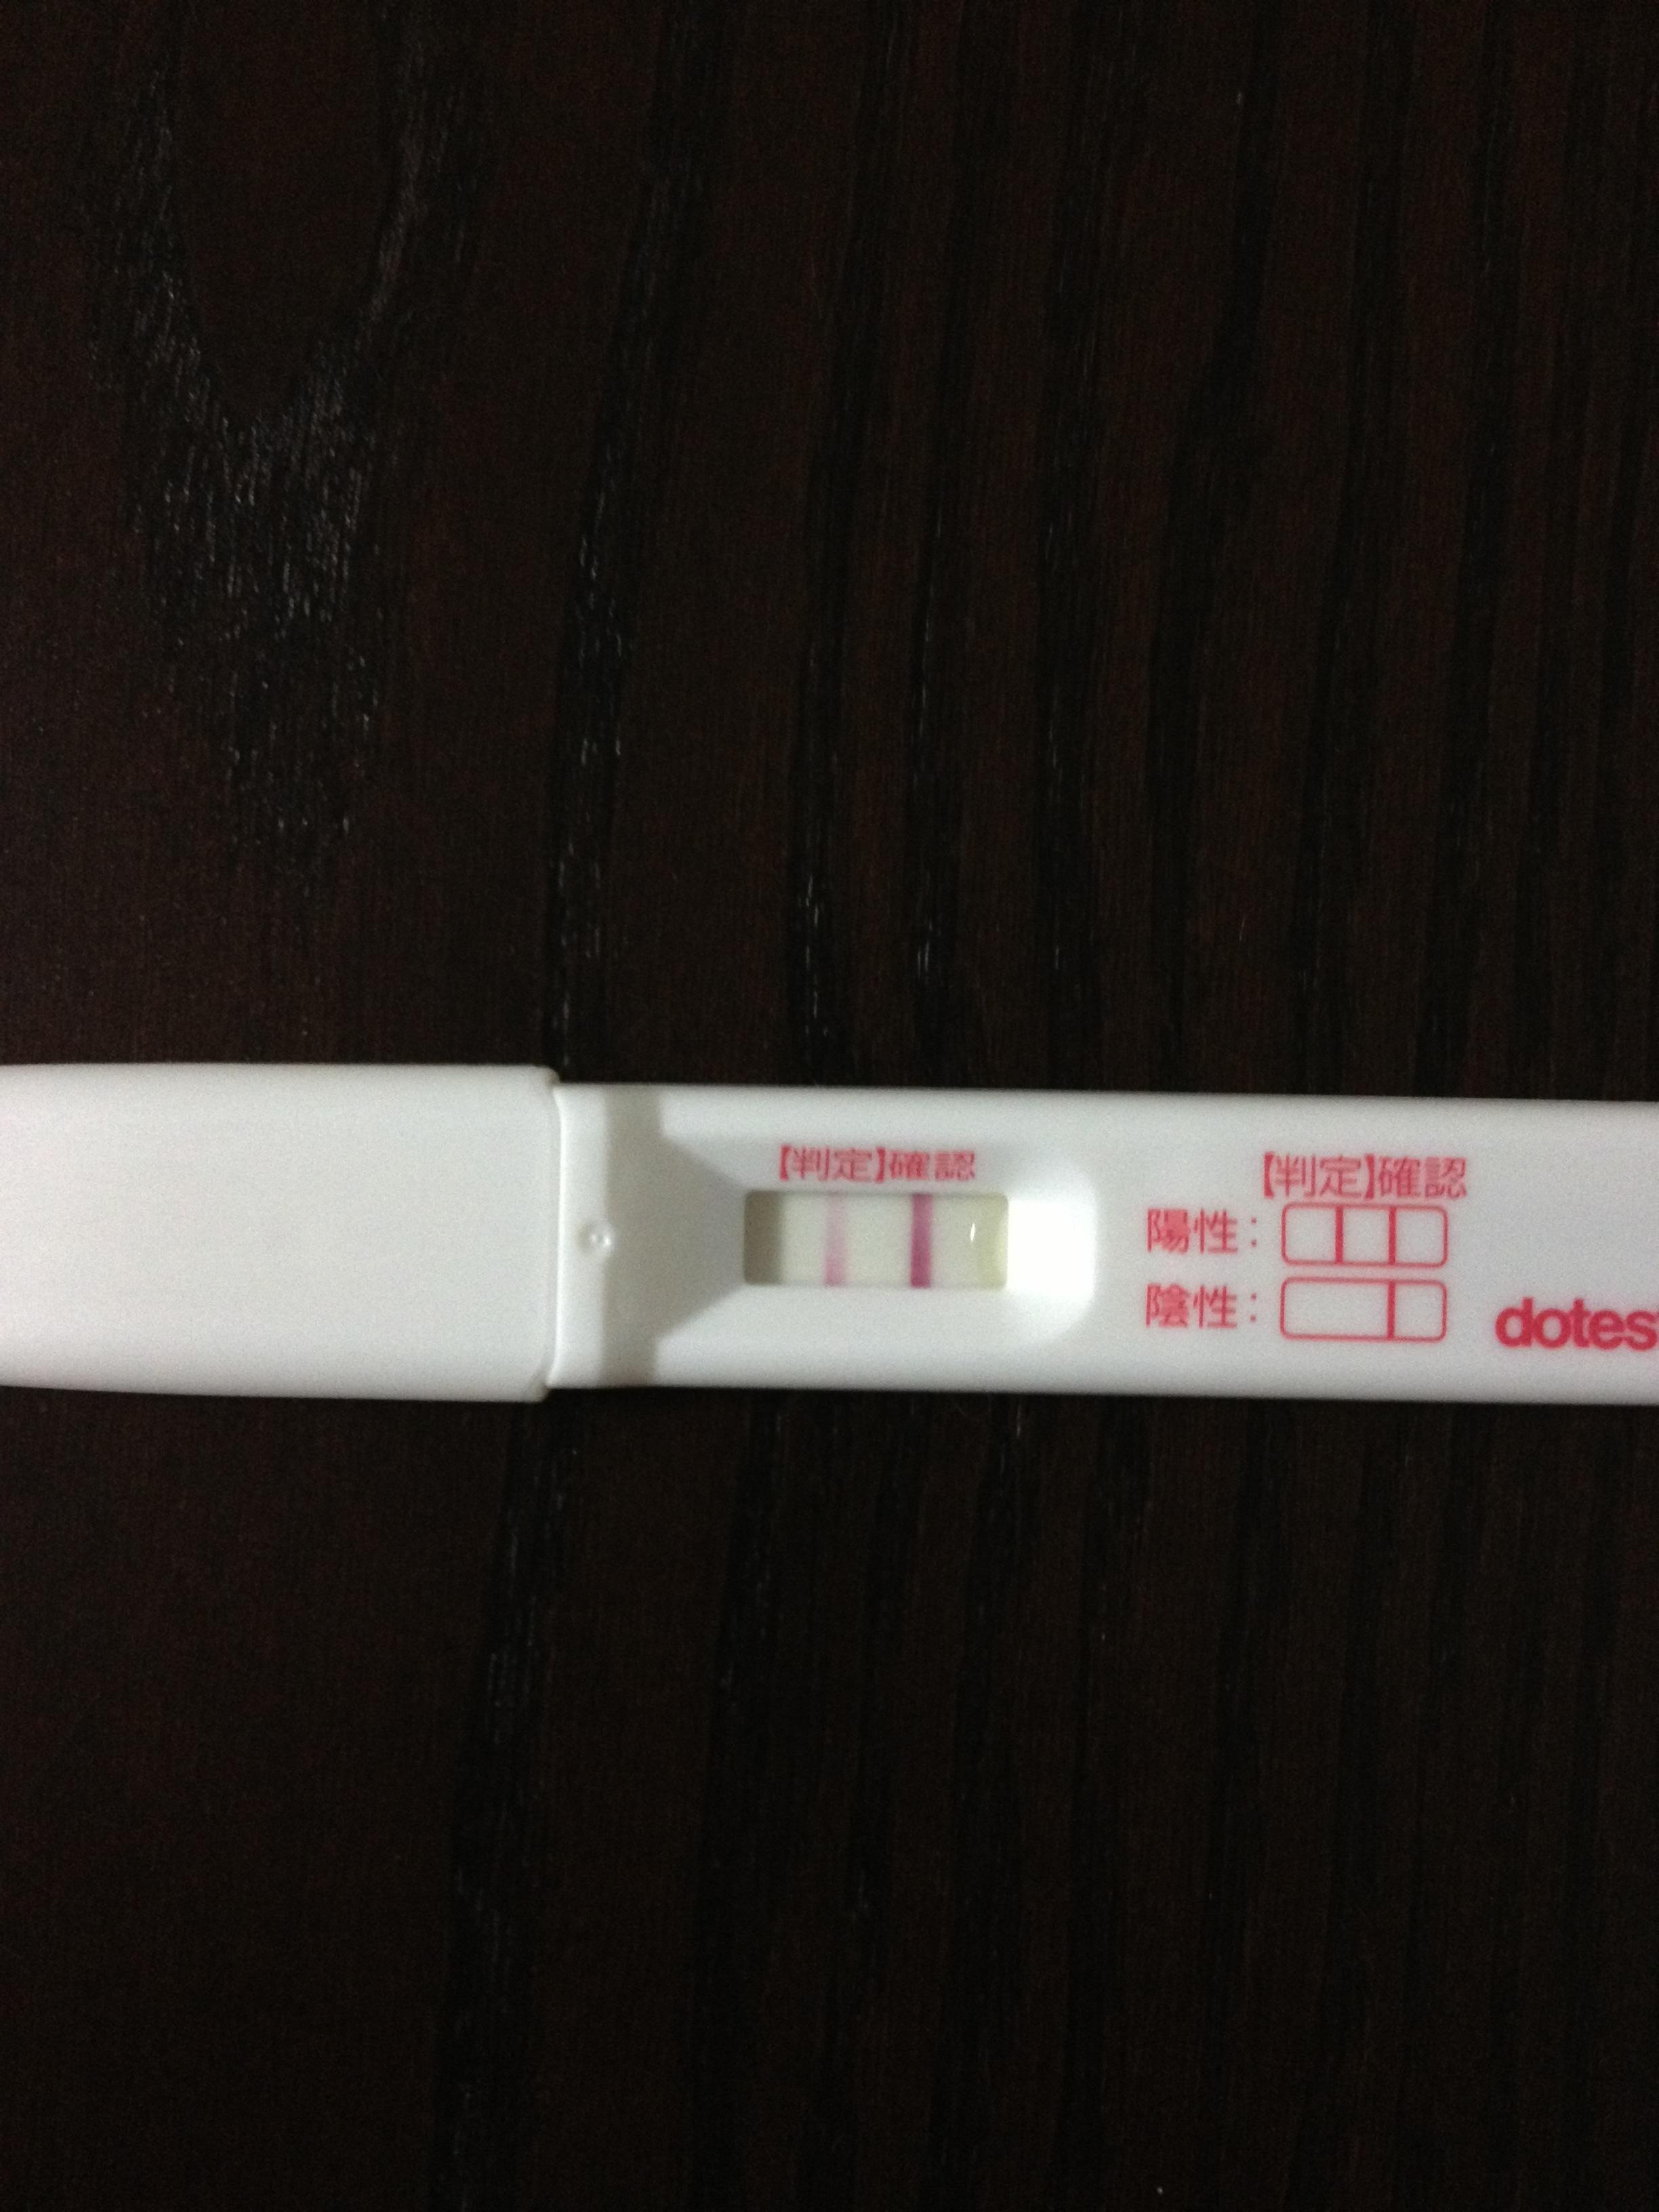 フライング 日 予定 薬 検査 生理 妊娠